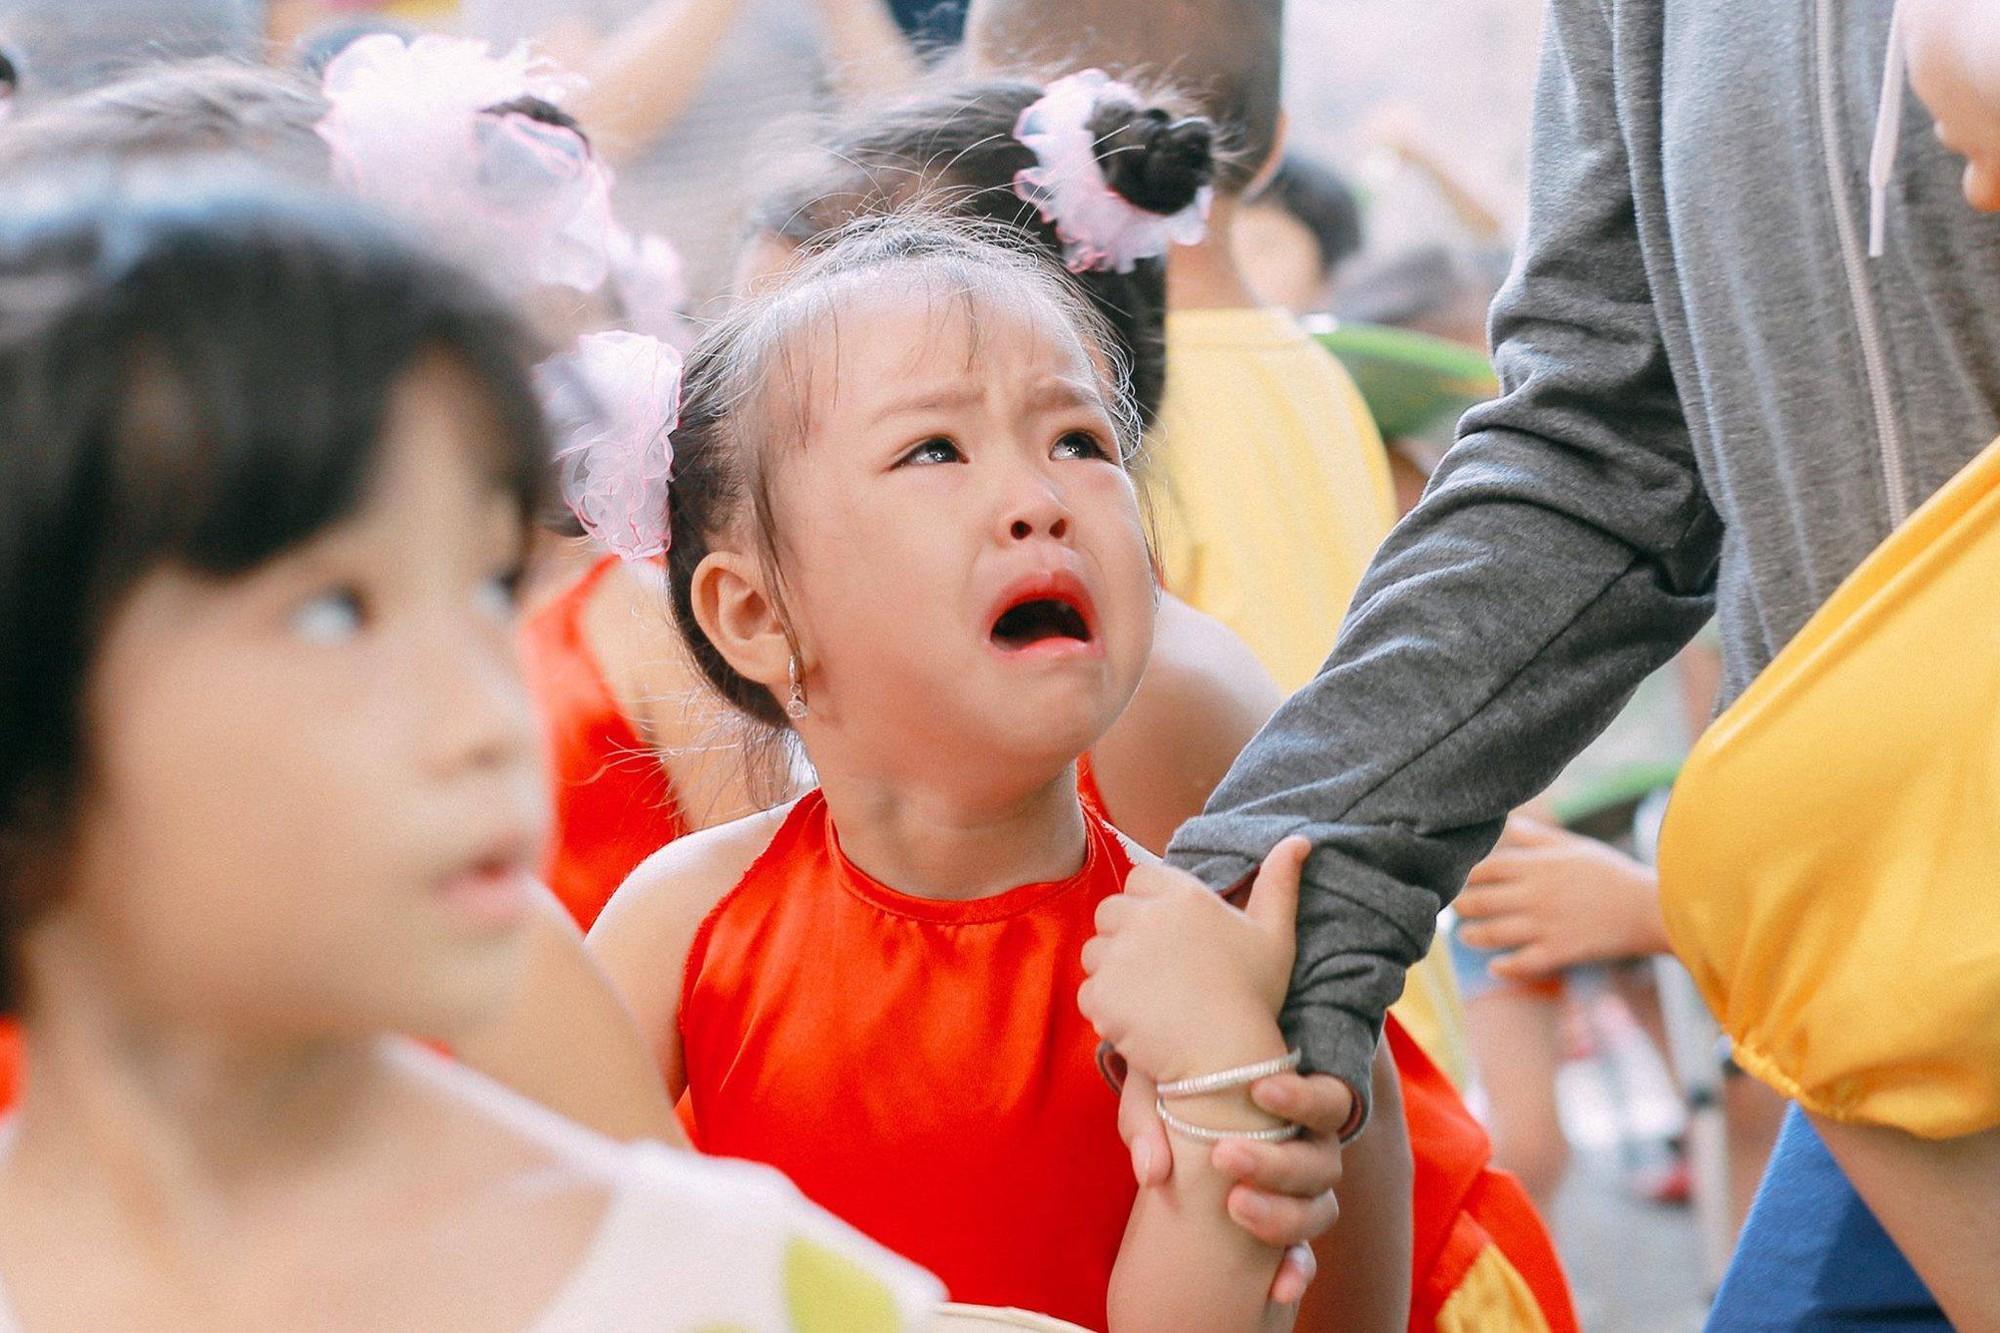 Chùm ảnh: Giọt nước mắt bỡ ngỡ và những biểu cảm khó đỡ của các em nhỏ trong ngày khai giảng - Ảnh 4.